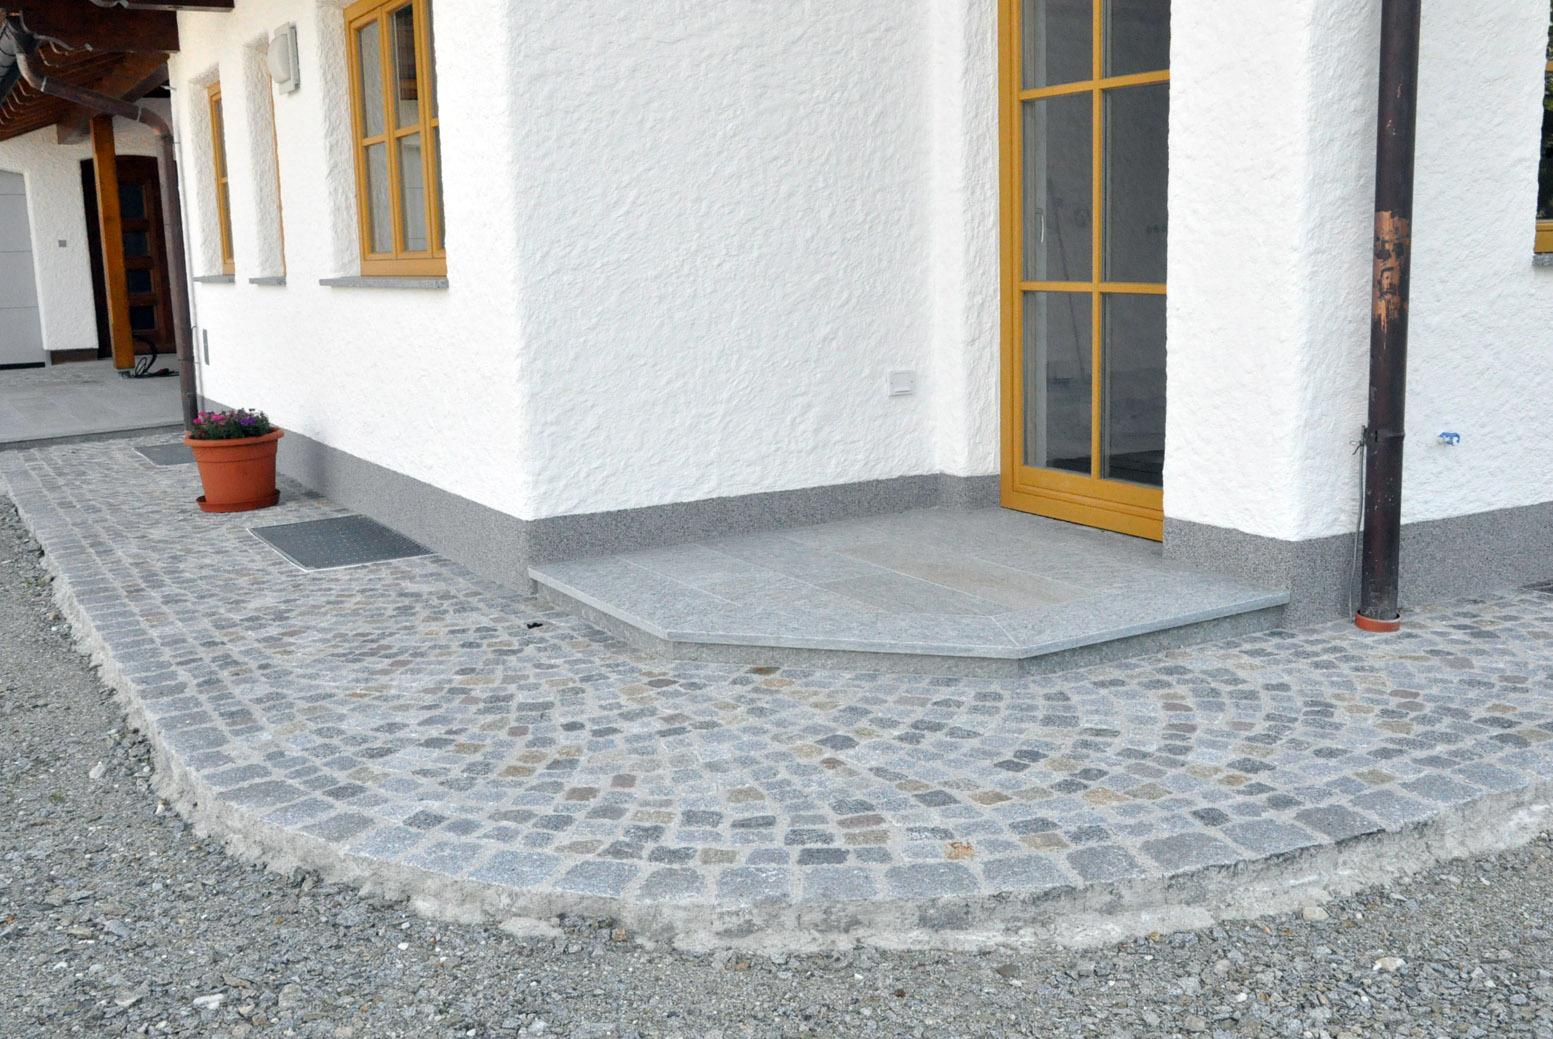 Gehwege, Wege, Gartenwege pflastern, Pflasterungen, Naturstein Gehwege, Innviertel, Salzburg, Oberösterreich